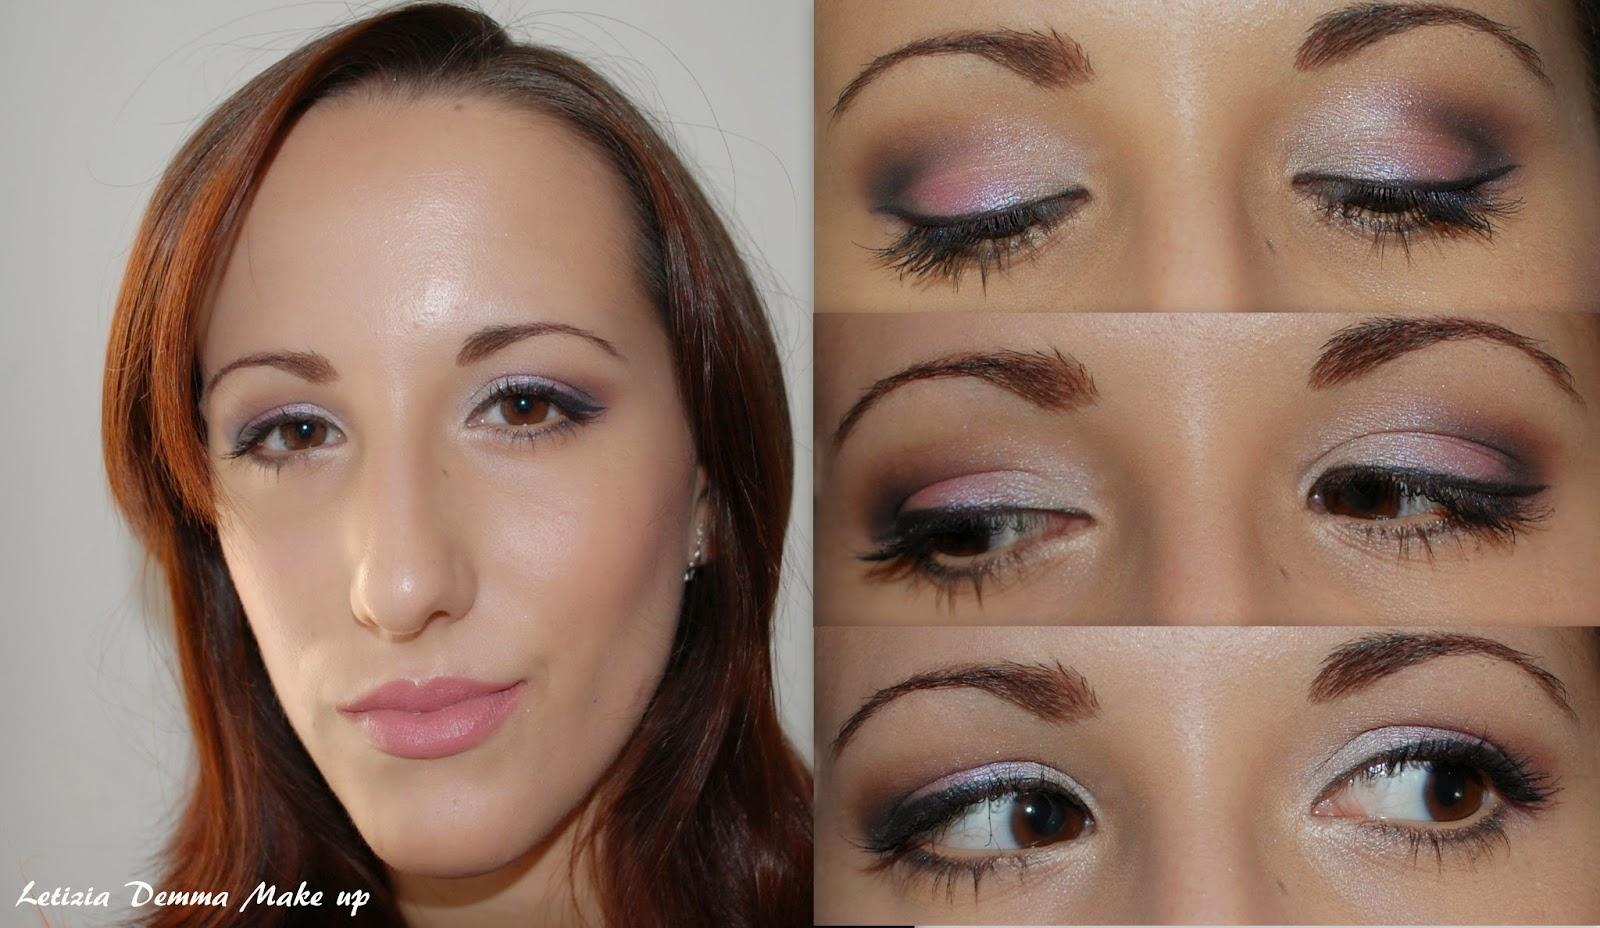 Estremamente MakeupLetizia: Make up Tutorial rosato TJ32